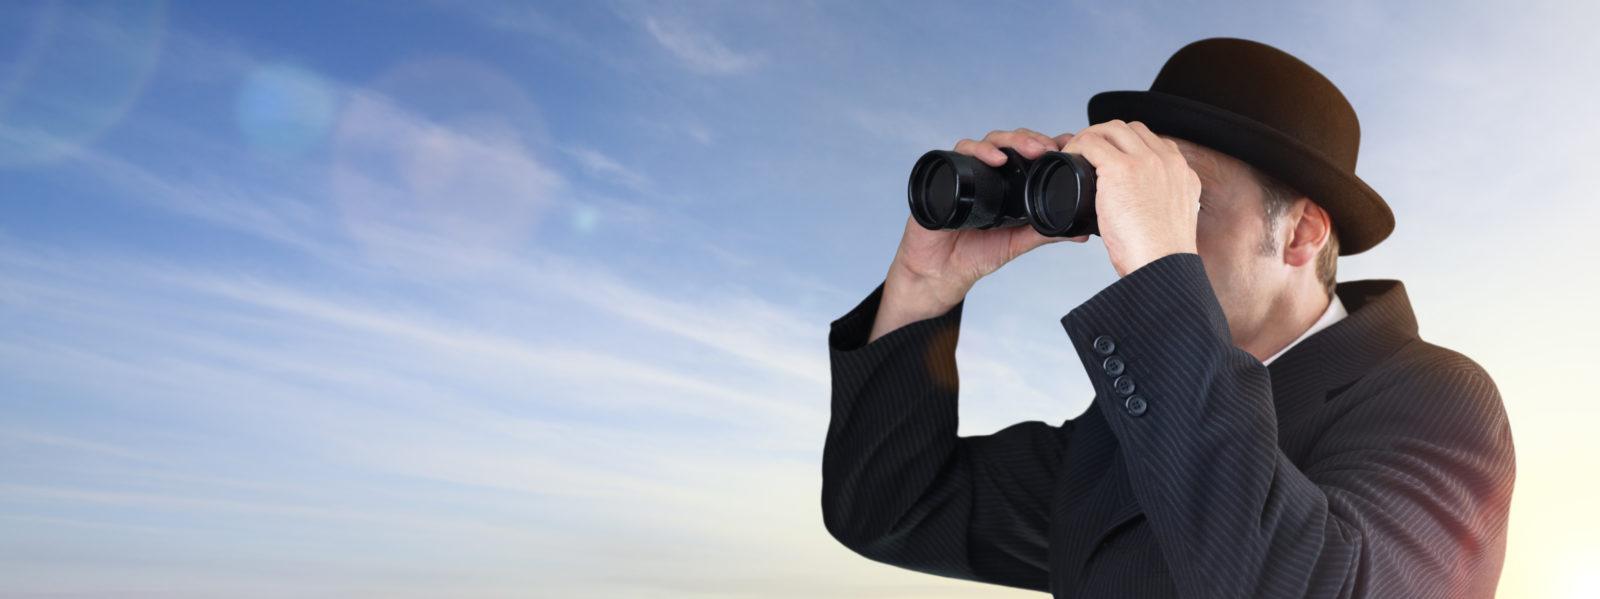 Feu vert pour le développement des instruments de surveillance de la FINMA